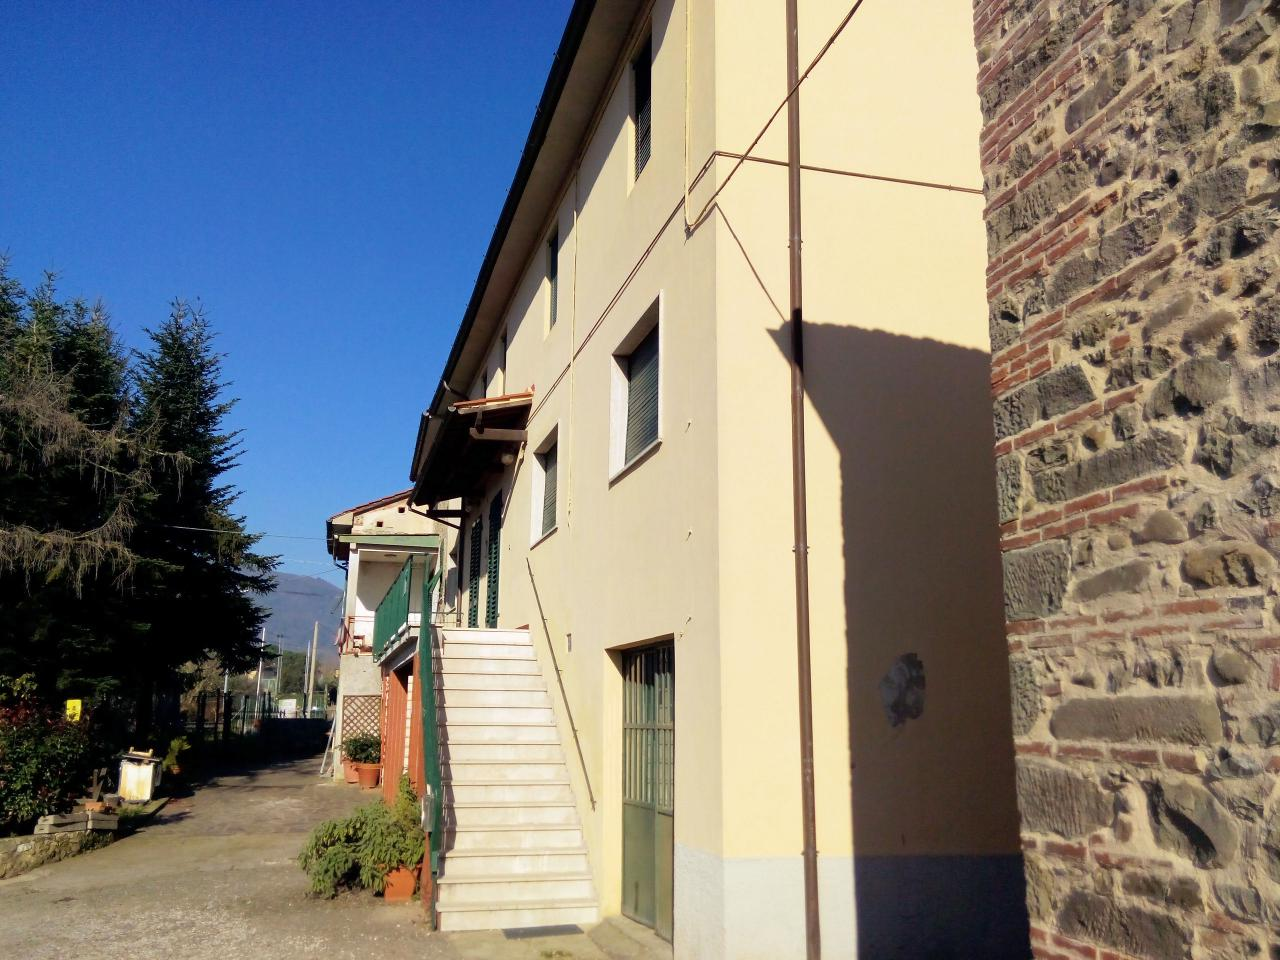 Rustico / Casale in vendita a Pescia, 10 locali, prezzo € 159.000 | CambioCasa.it